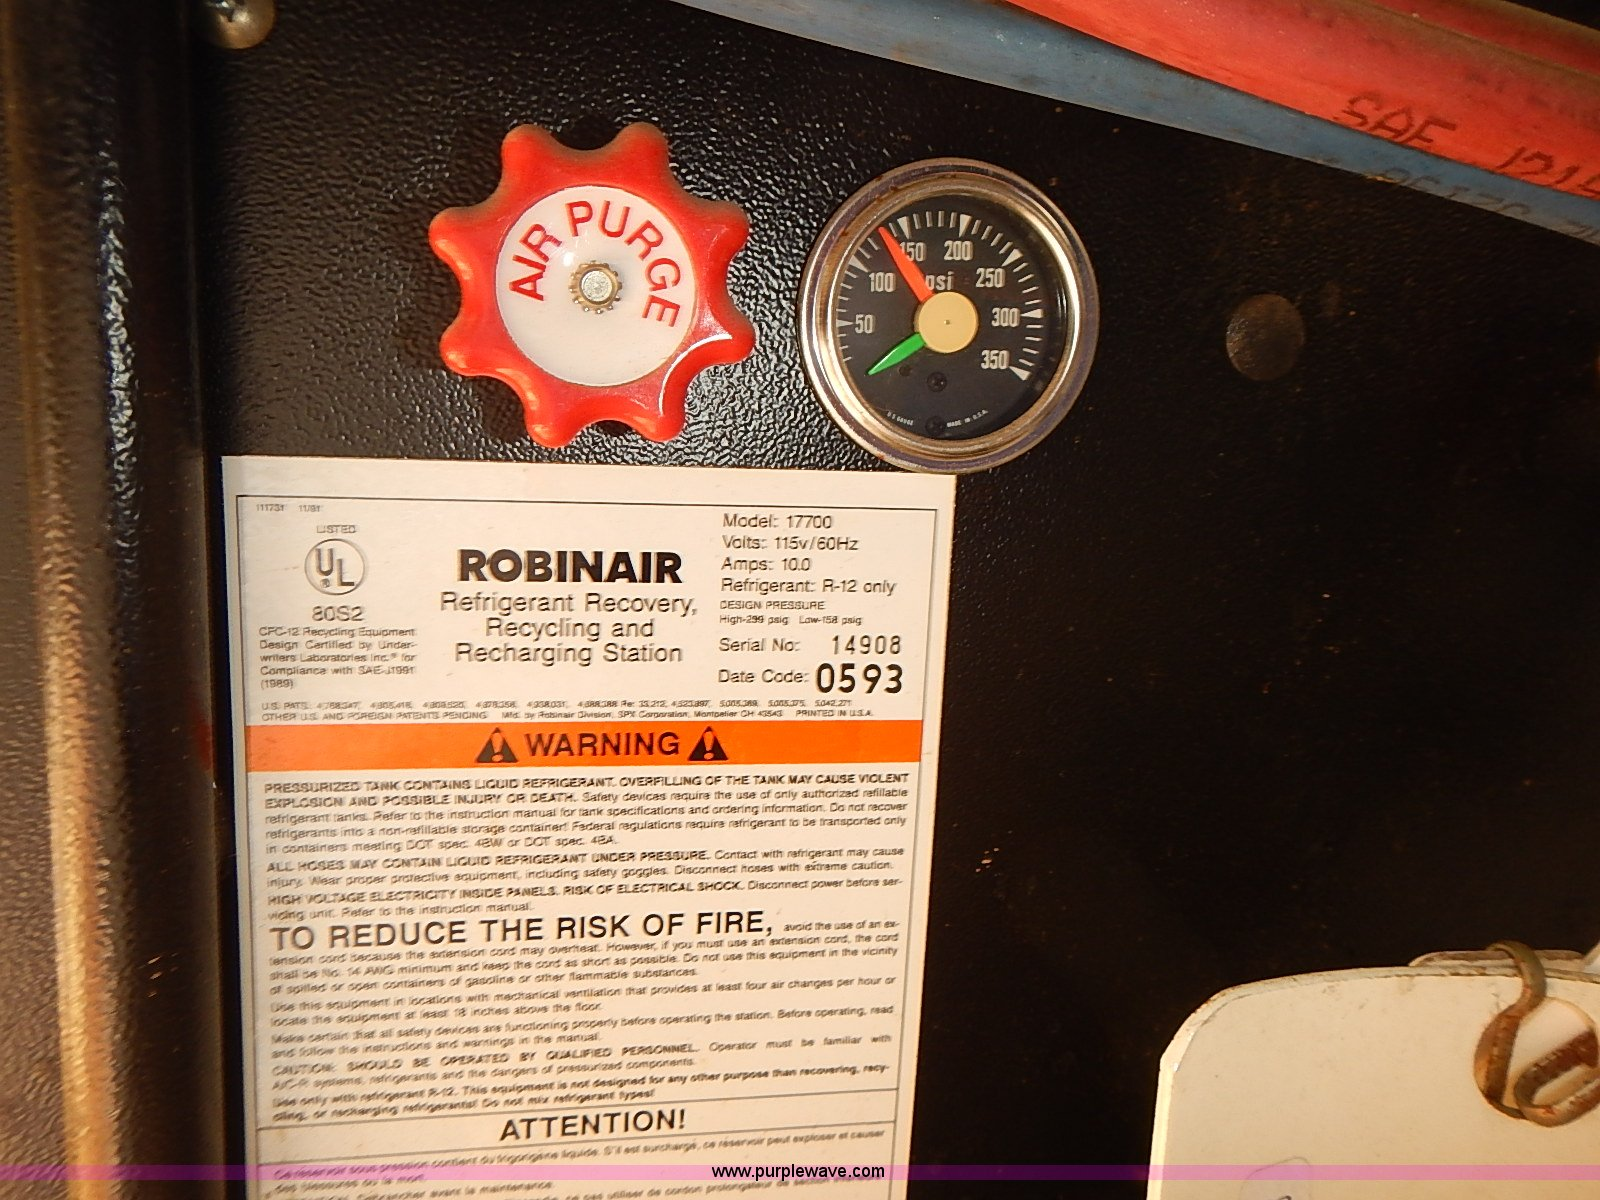 robinair enviro charge refrigerant recovery recycling rechar rh purplewave com robinair enviro charge dual manual robinair enviro charge dual manual